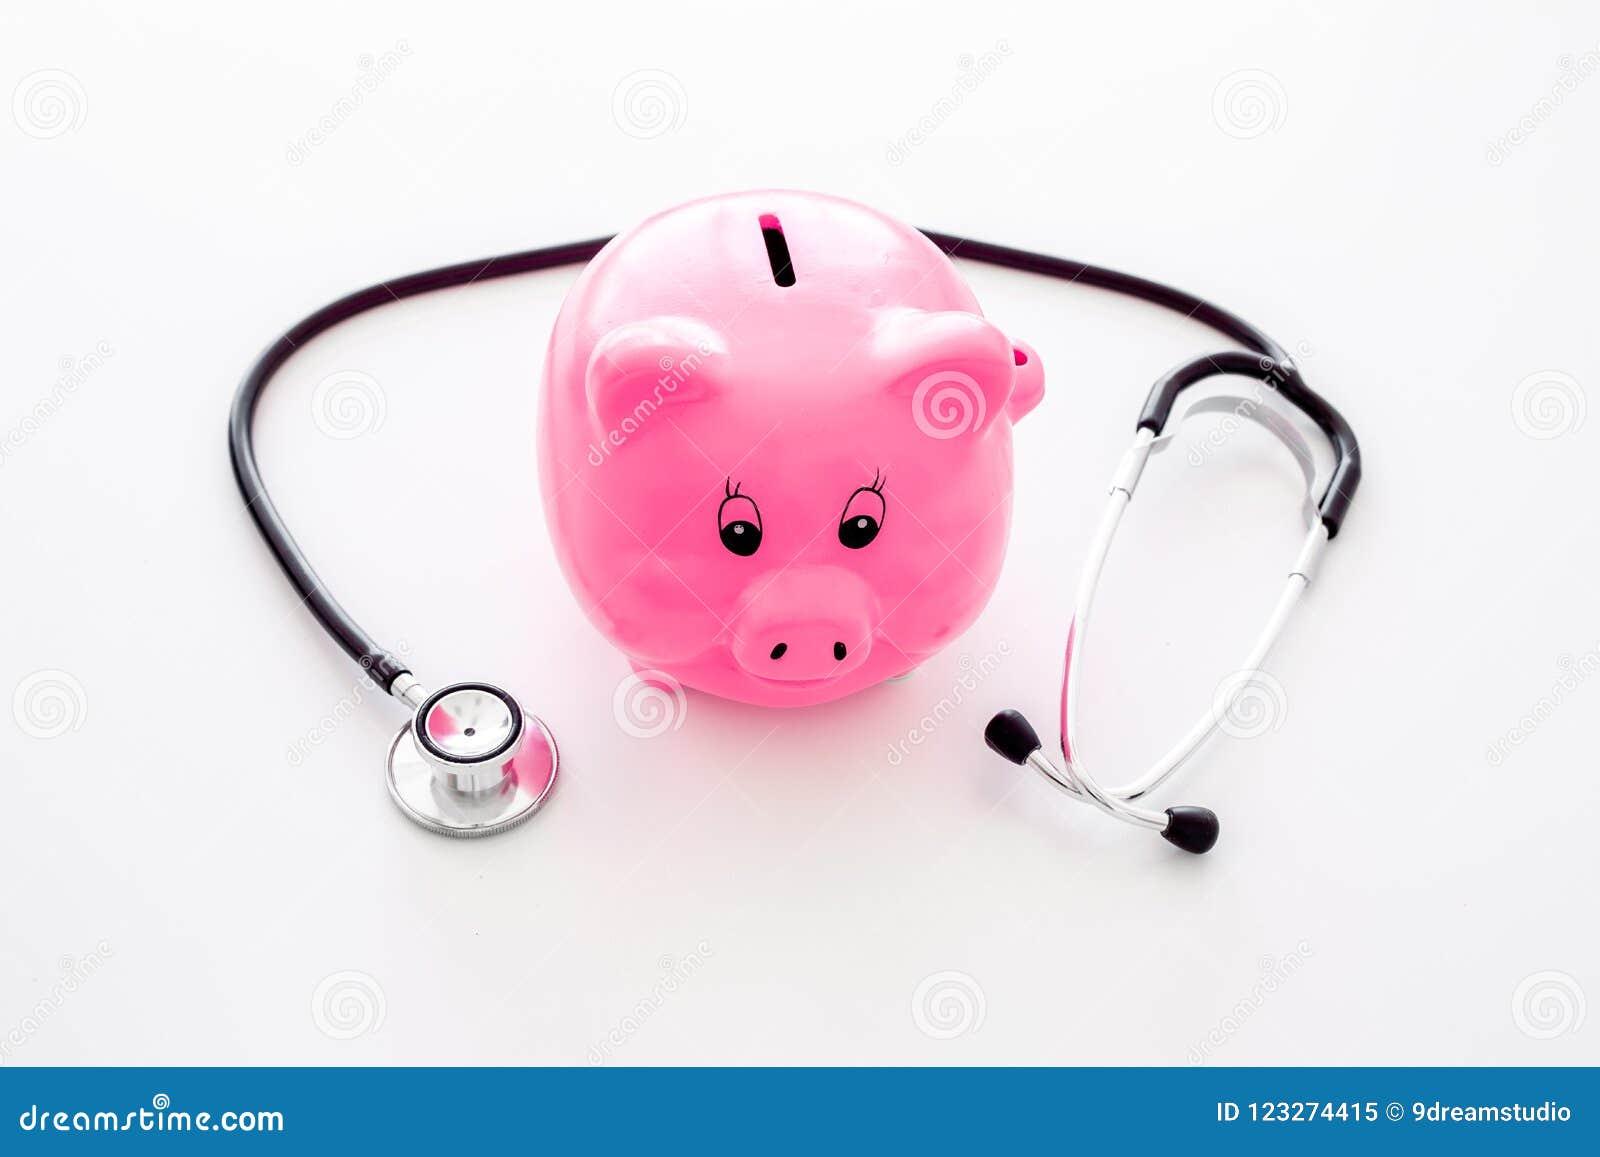 Dinero para el tratamiento Costos médicos Moneybox en la forma del cerdo cerca del estetoscopio en el fondo blanco